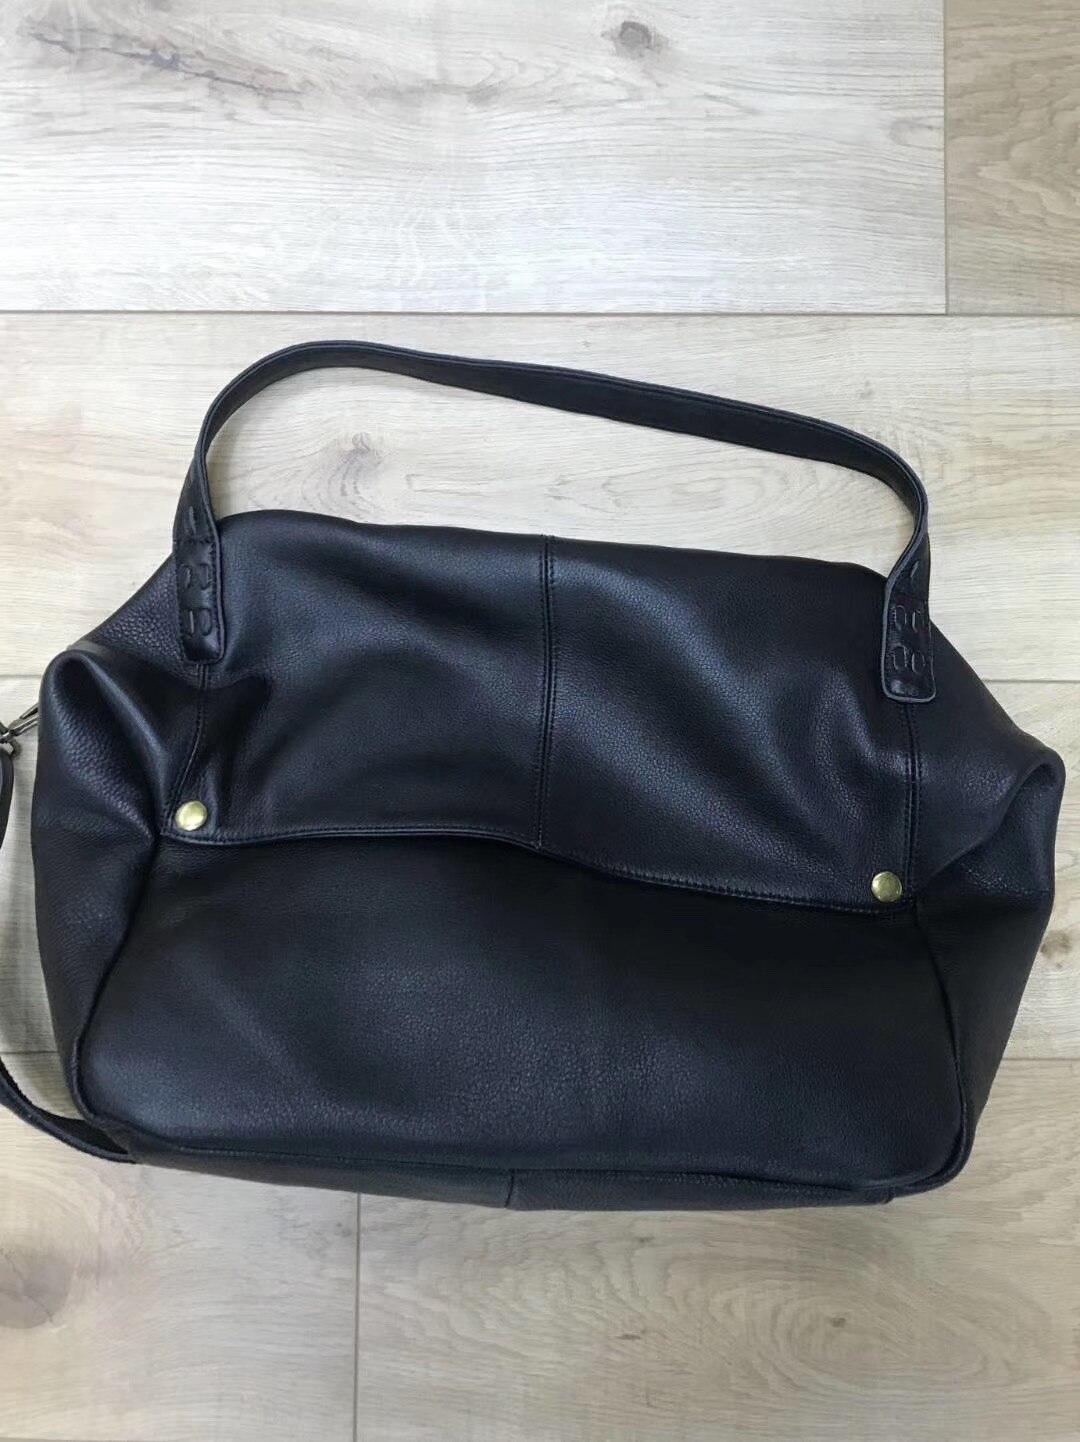 Mulher bolsas de couro genuíno natural bolsa